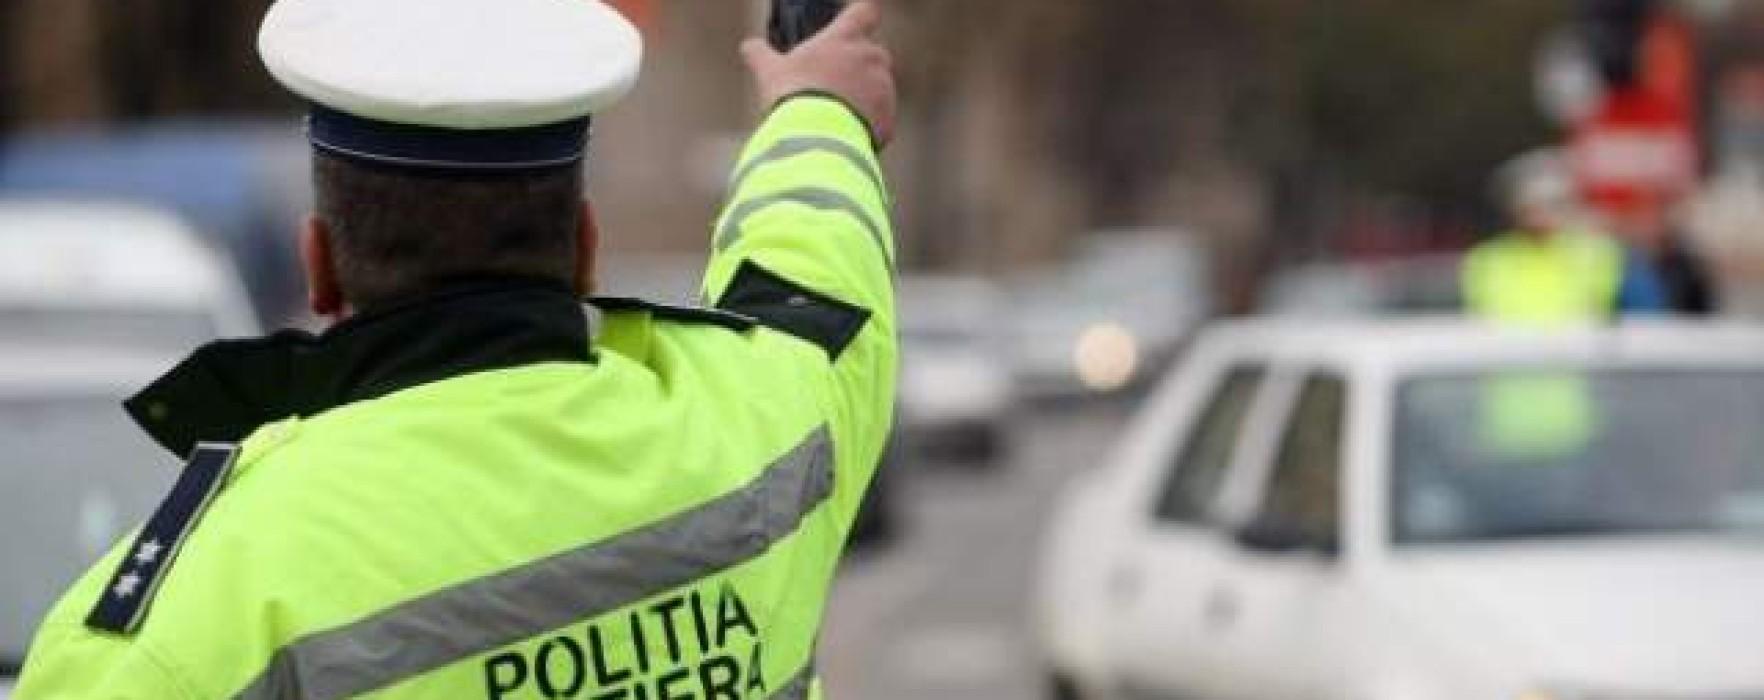 Şoferi şi scandalagii amendaţi de Poliţia Dâmboviţa, în perioada Crăciunului